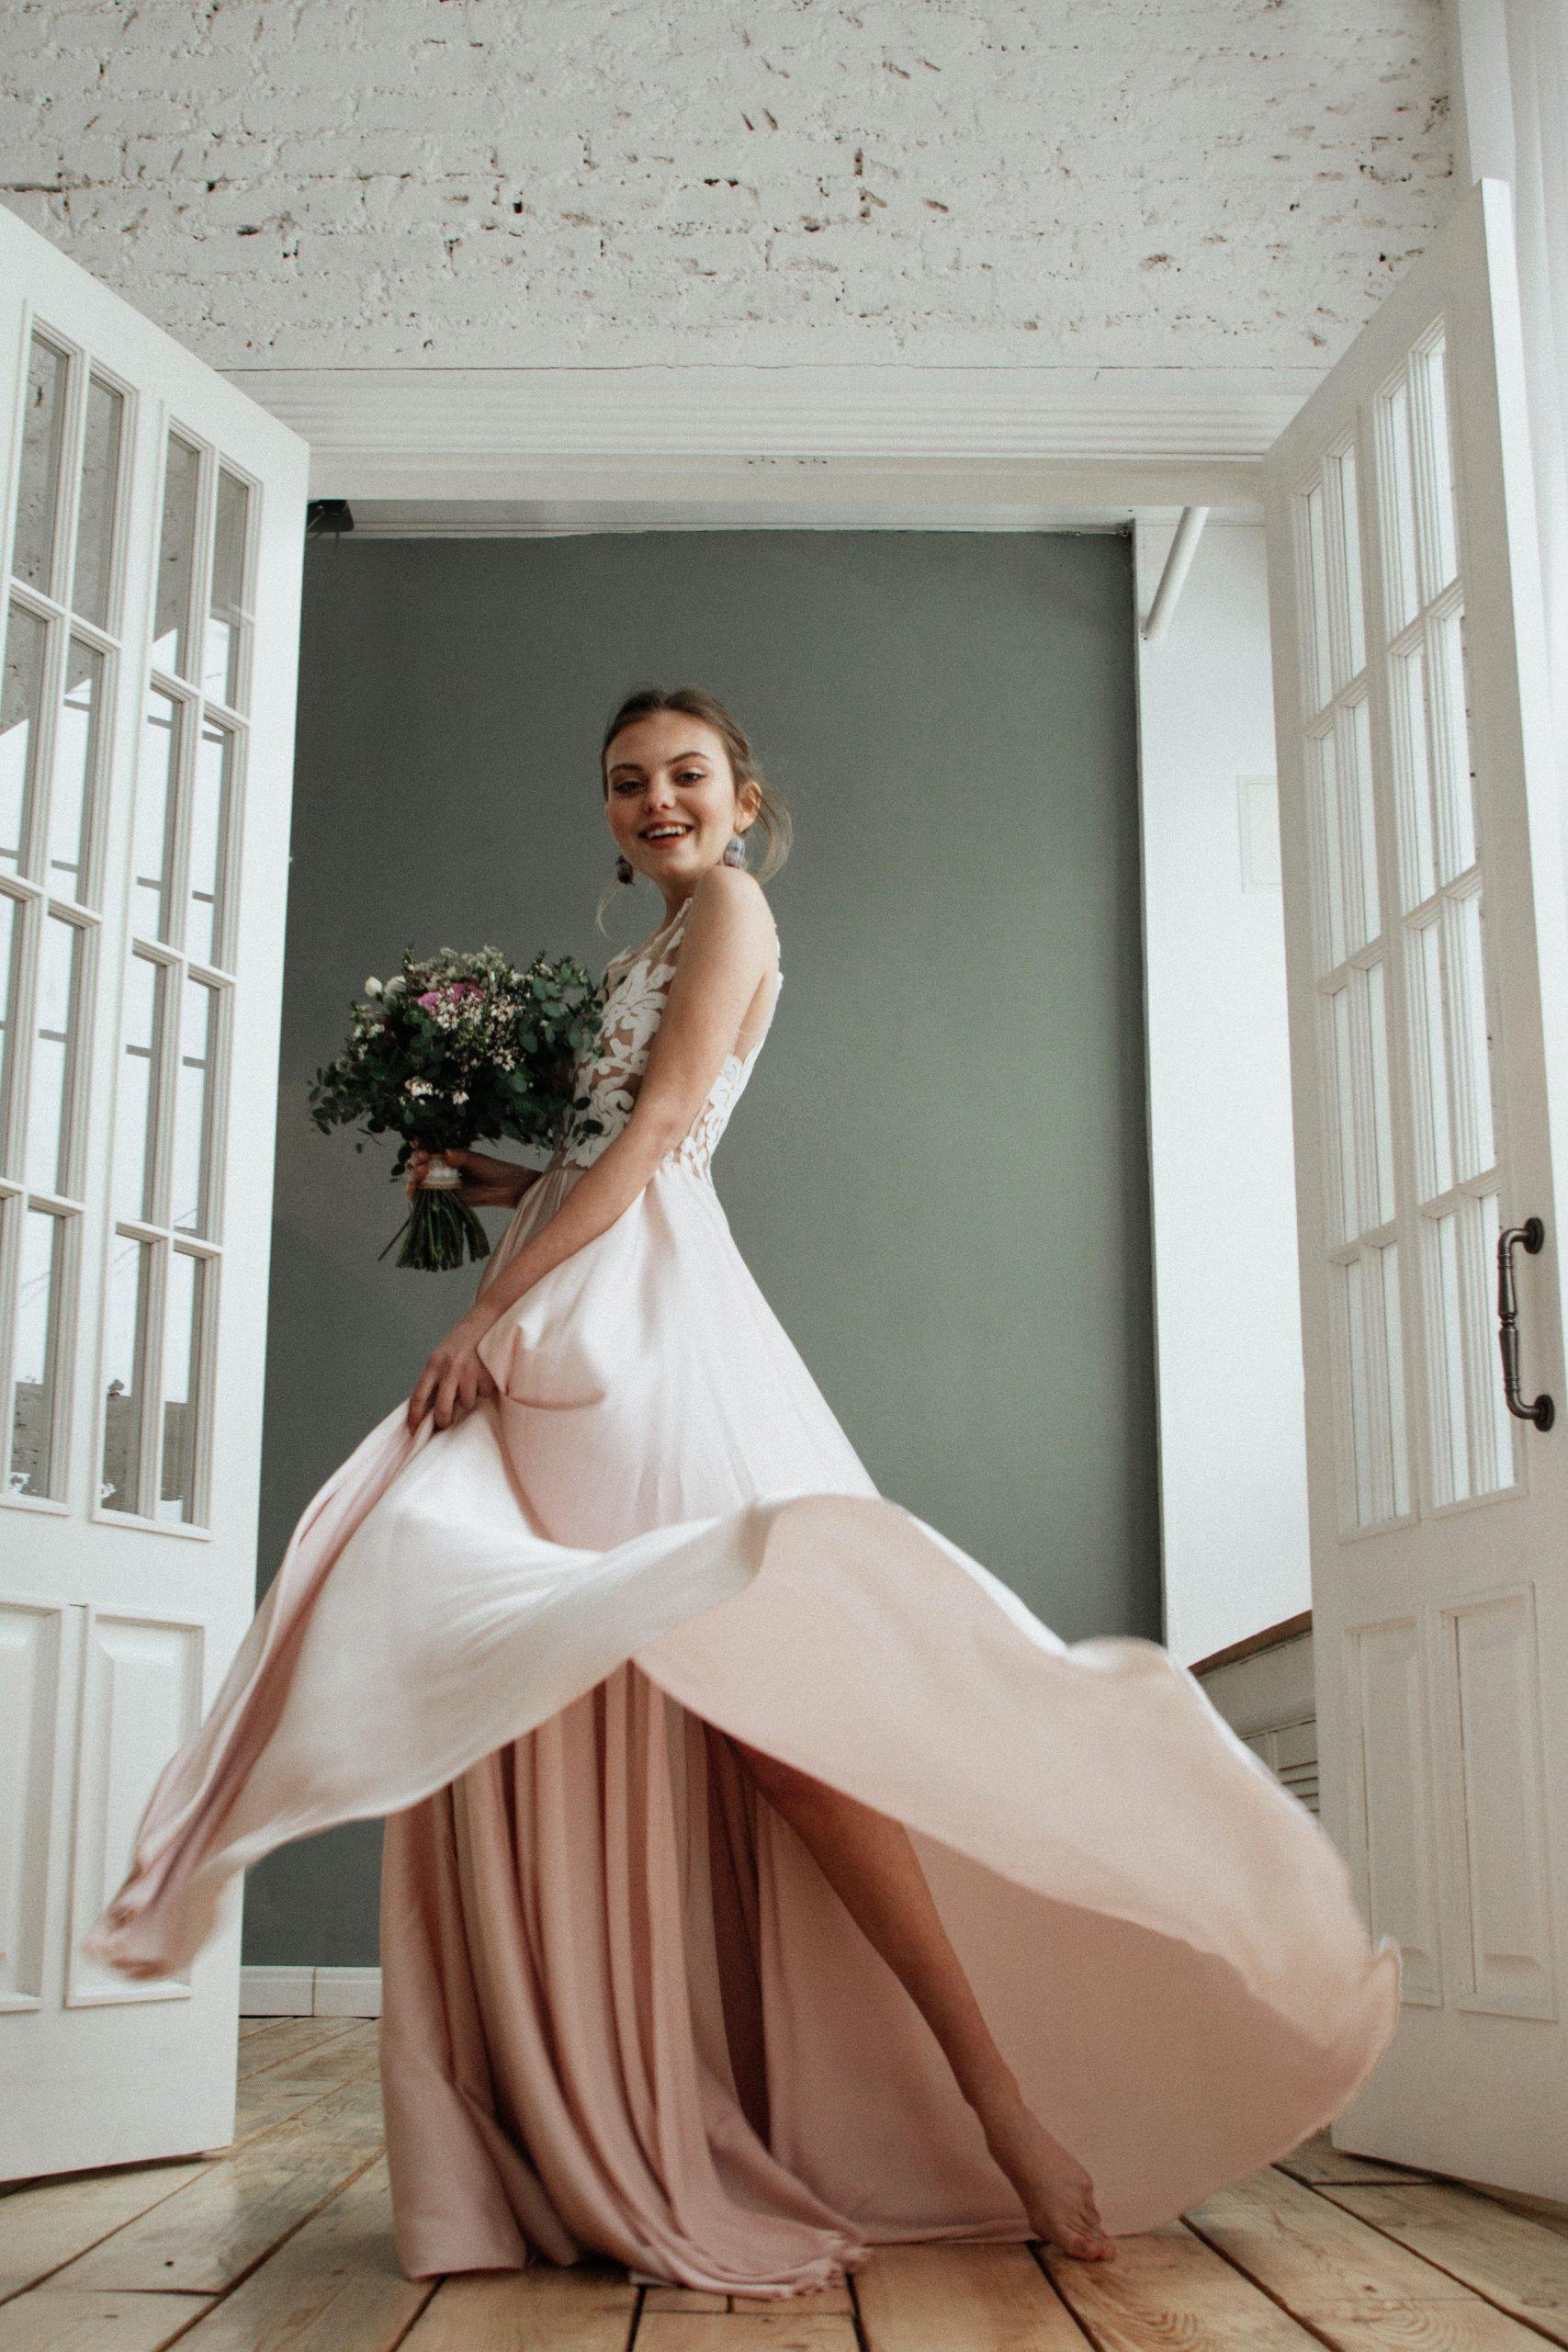 Hochzeit, Brautkleider & Co.